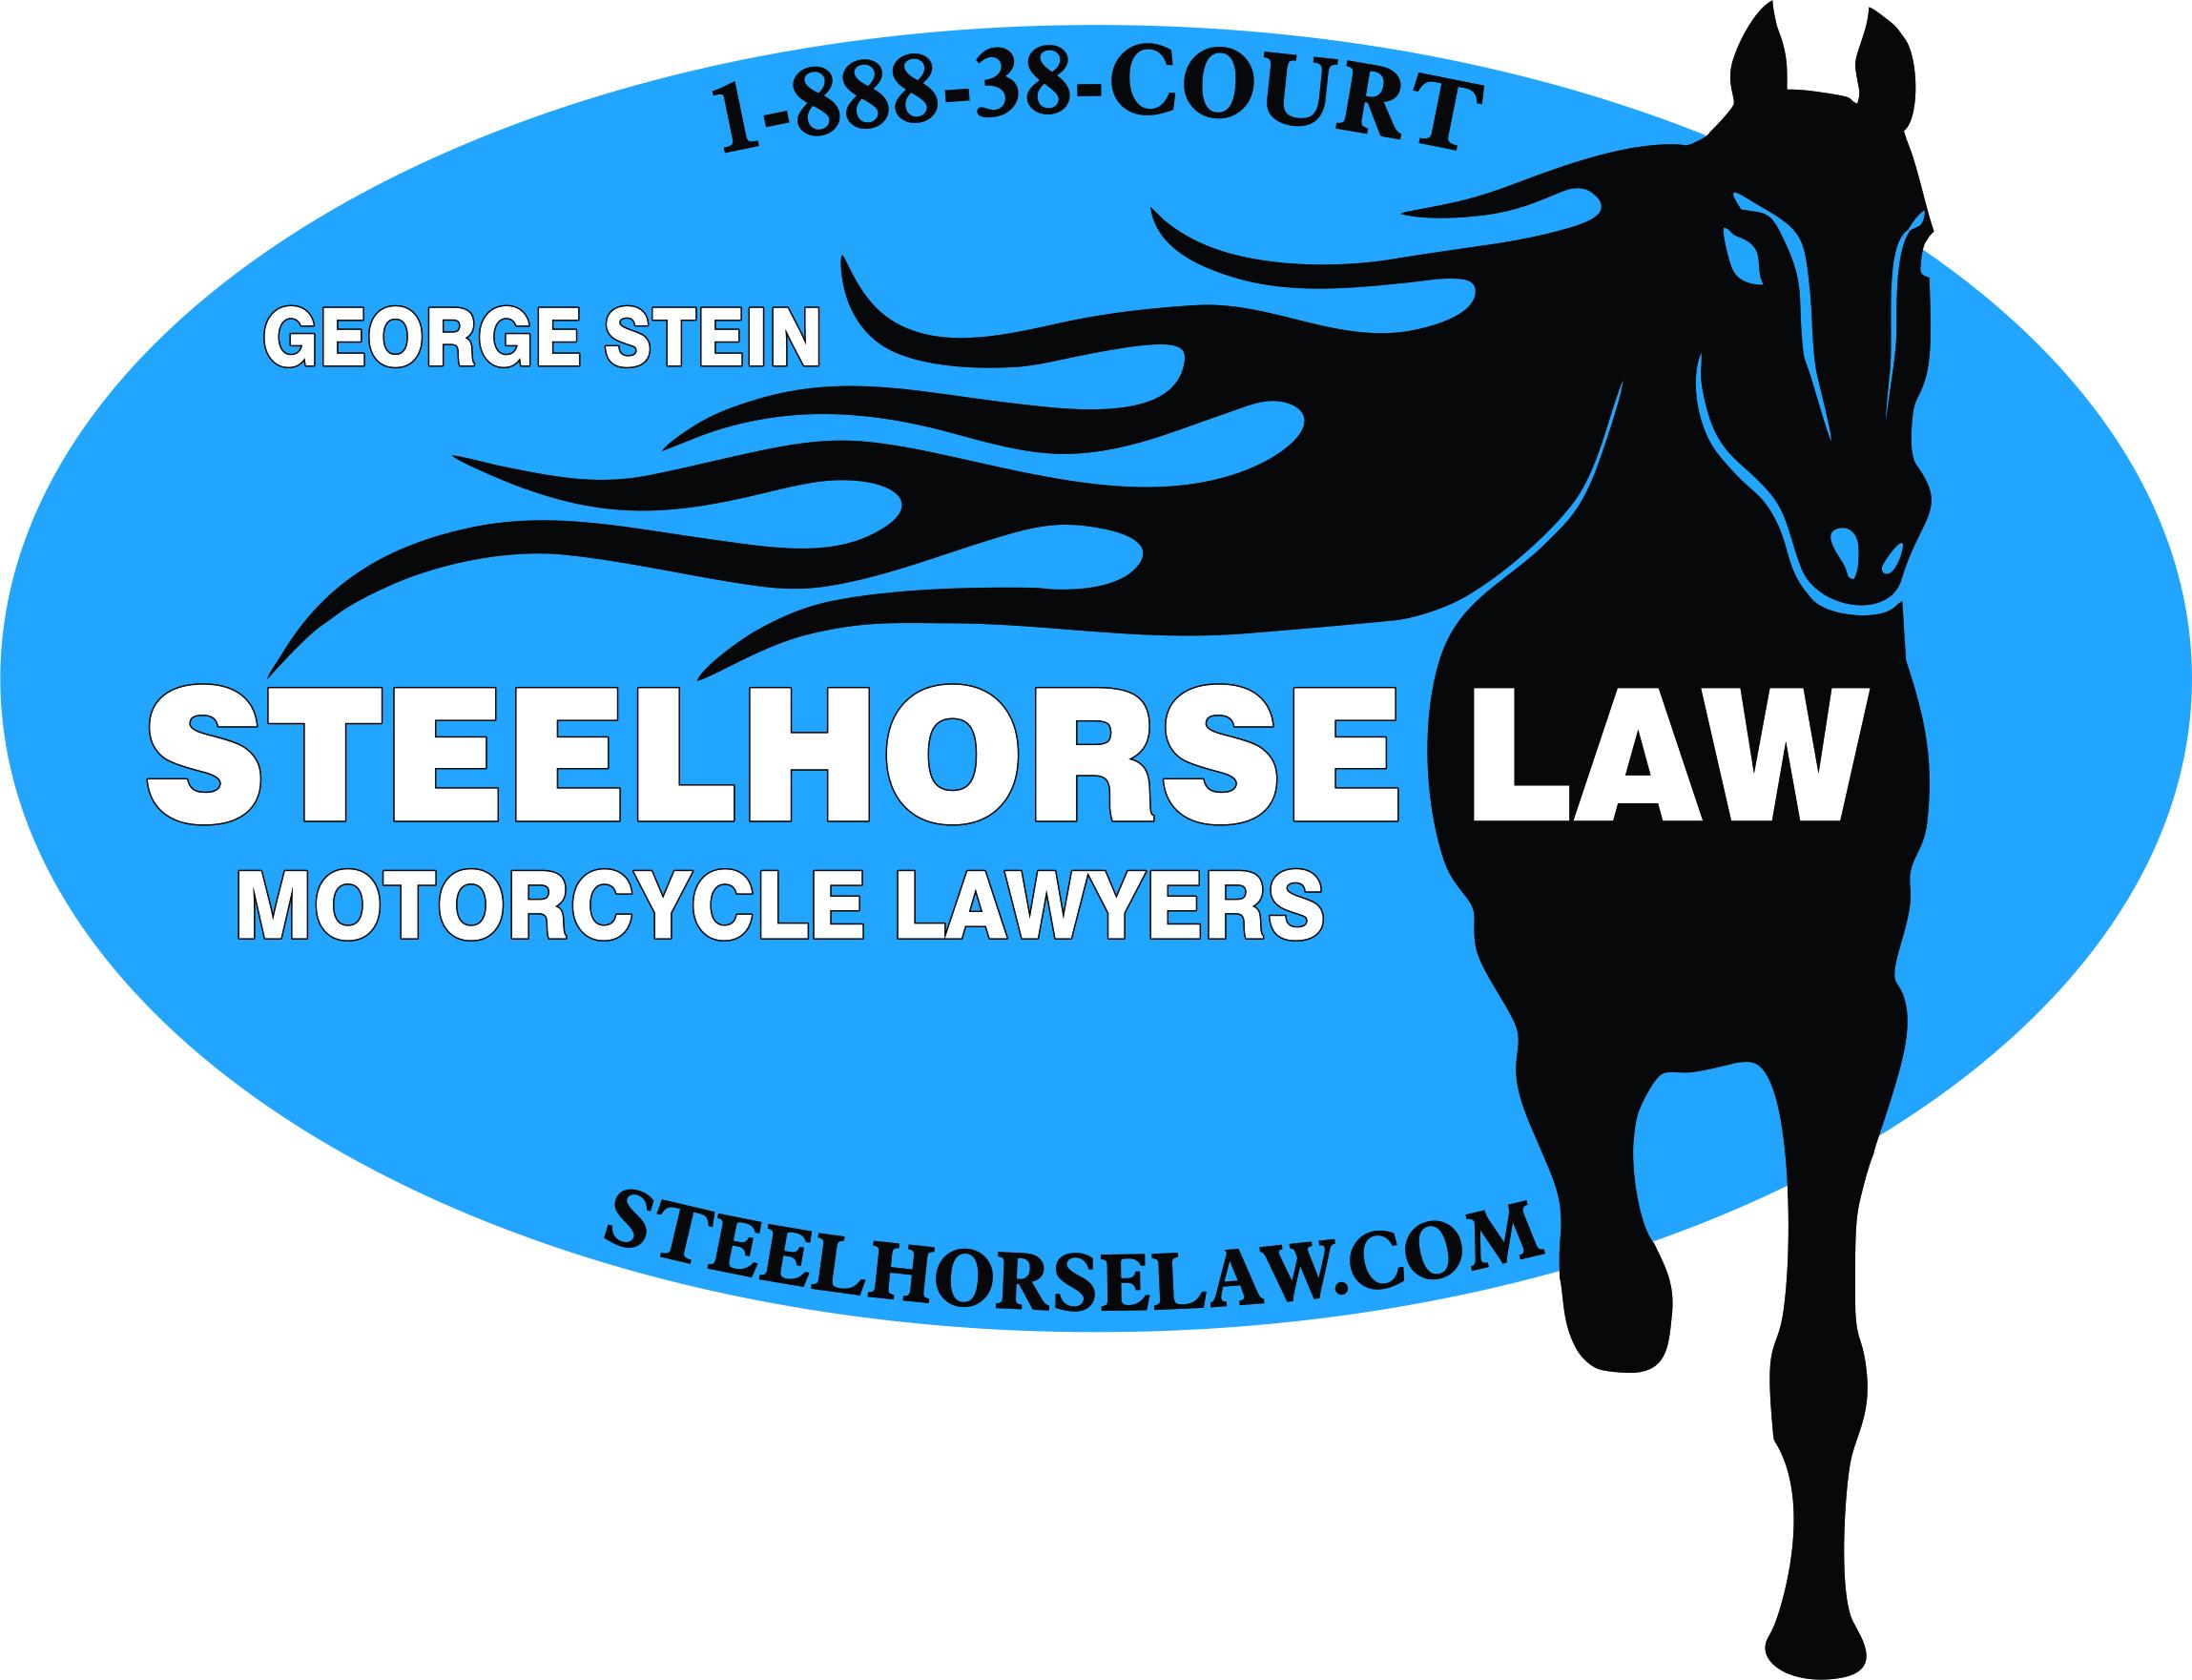 SteelhorseLawBlueOval logo